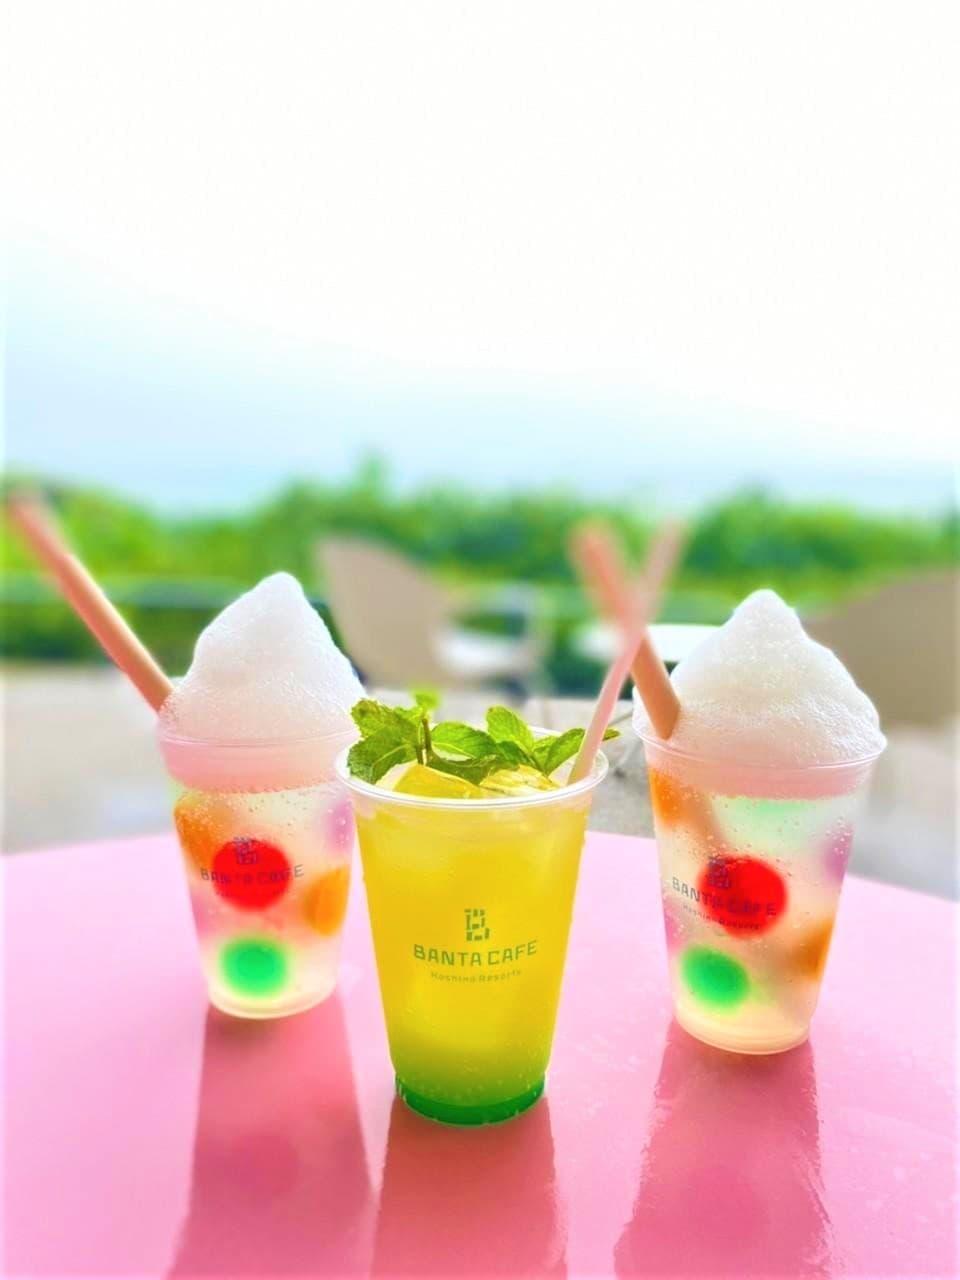 星野リゾートのバンタカフェの写真